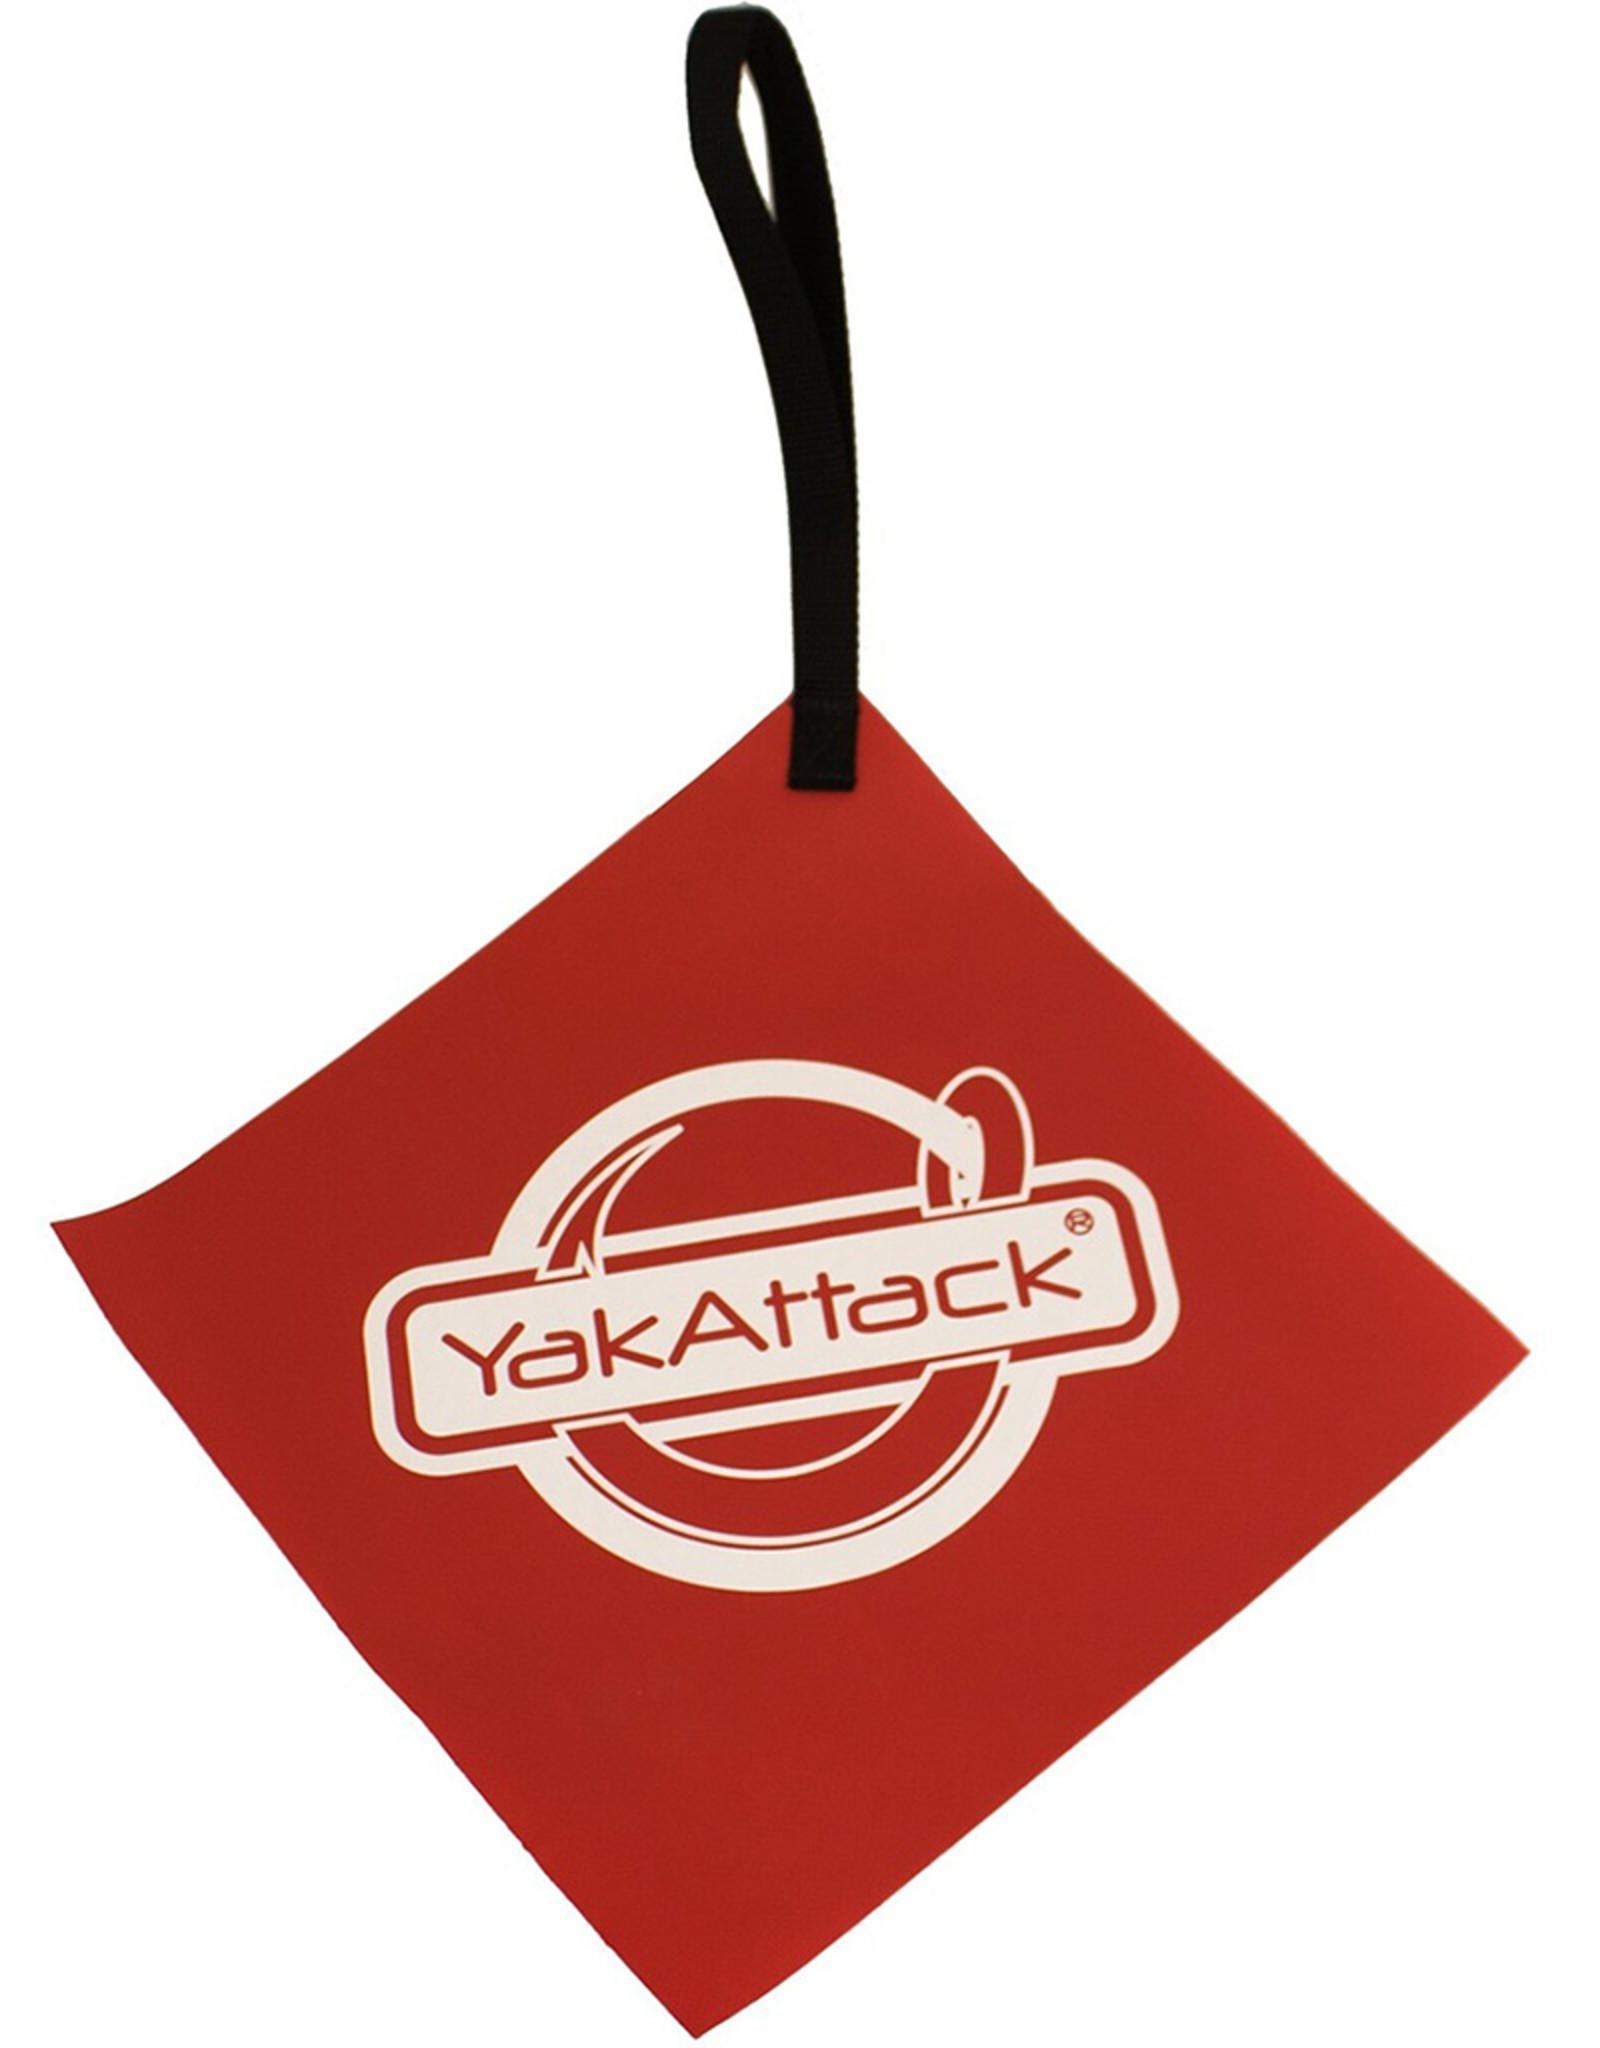 YakAttack YakAttack Tow Flag